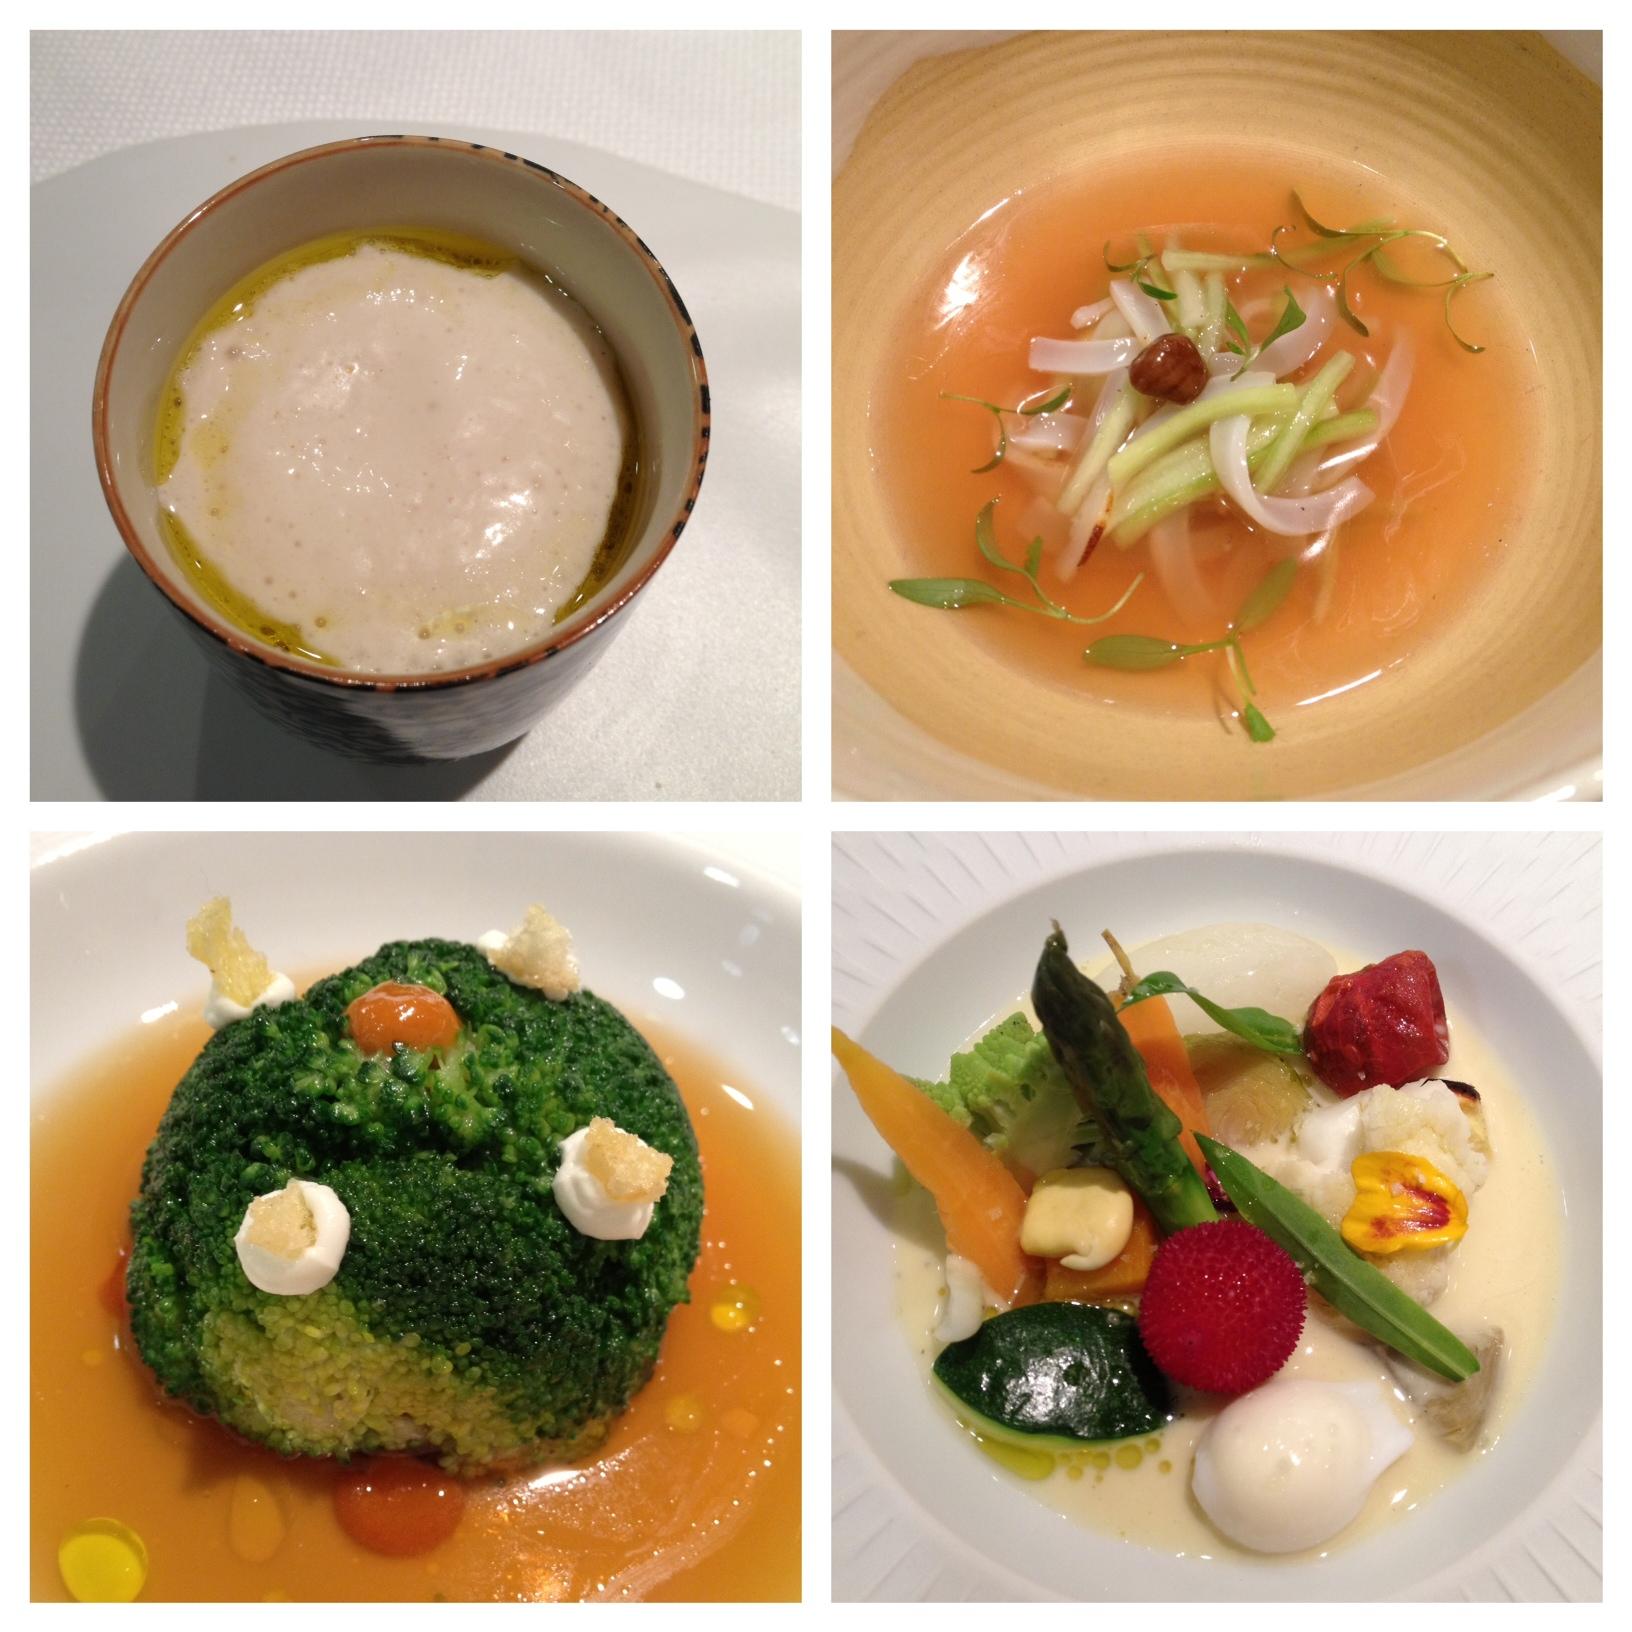 Restaurante en Valencia 1) Capuchino de cachahuete, 2) Sopa fría de calamar, 3) Tartare de atún con brócoli 4) Menestra templada de verduras de otoño